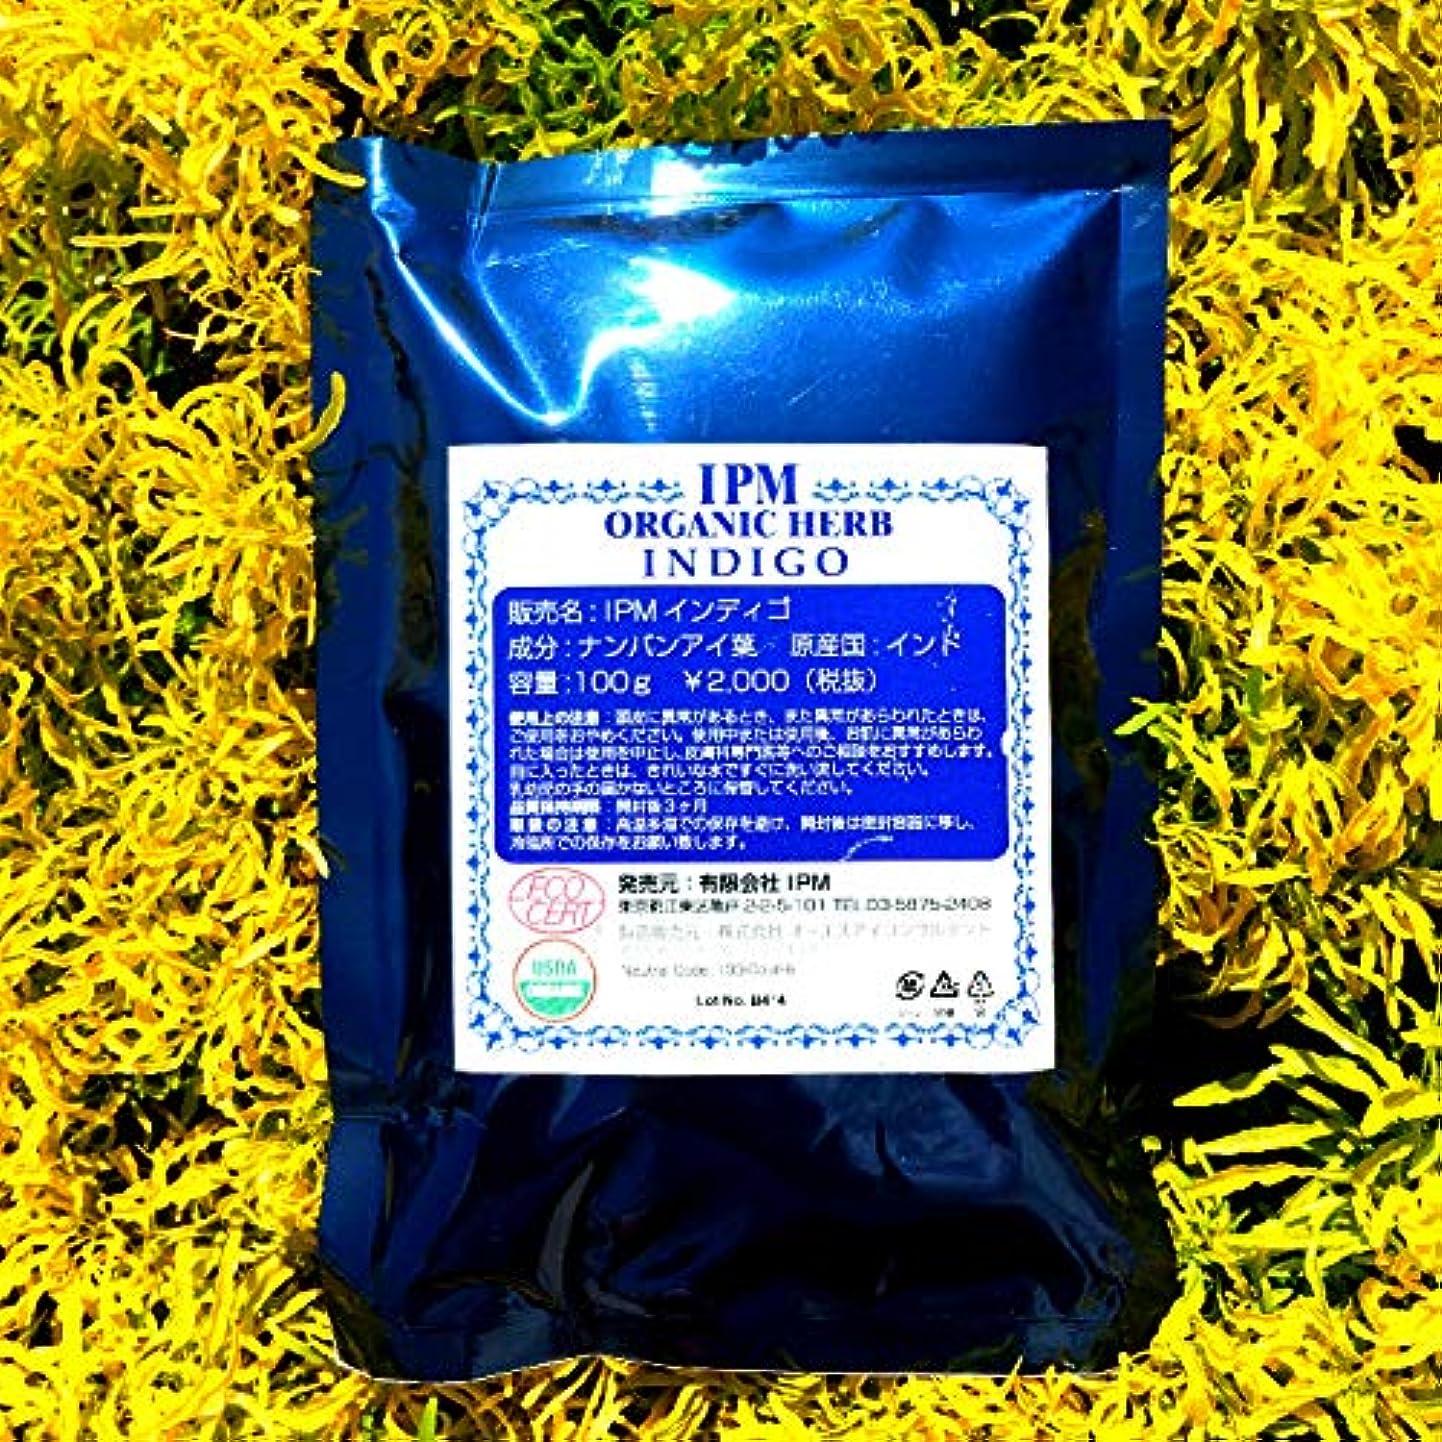 進む件名名前でIPM インディゴ 500g (100g×5)